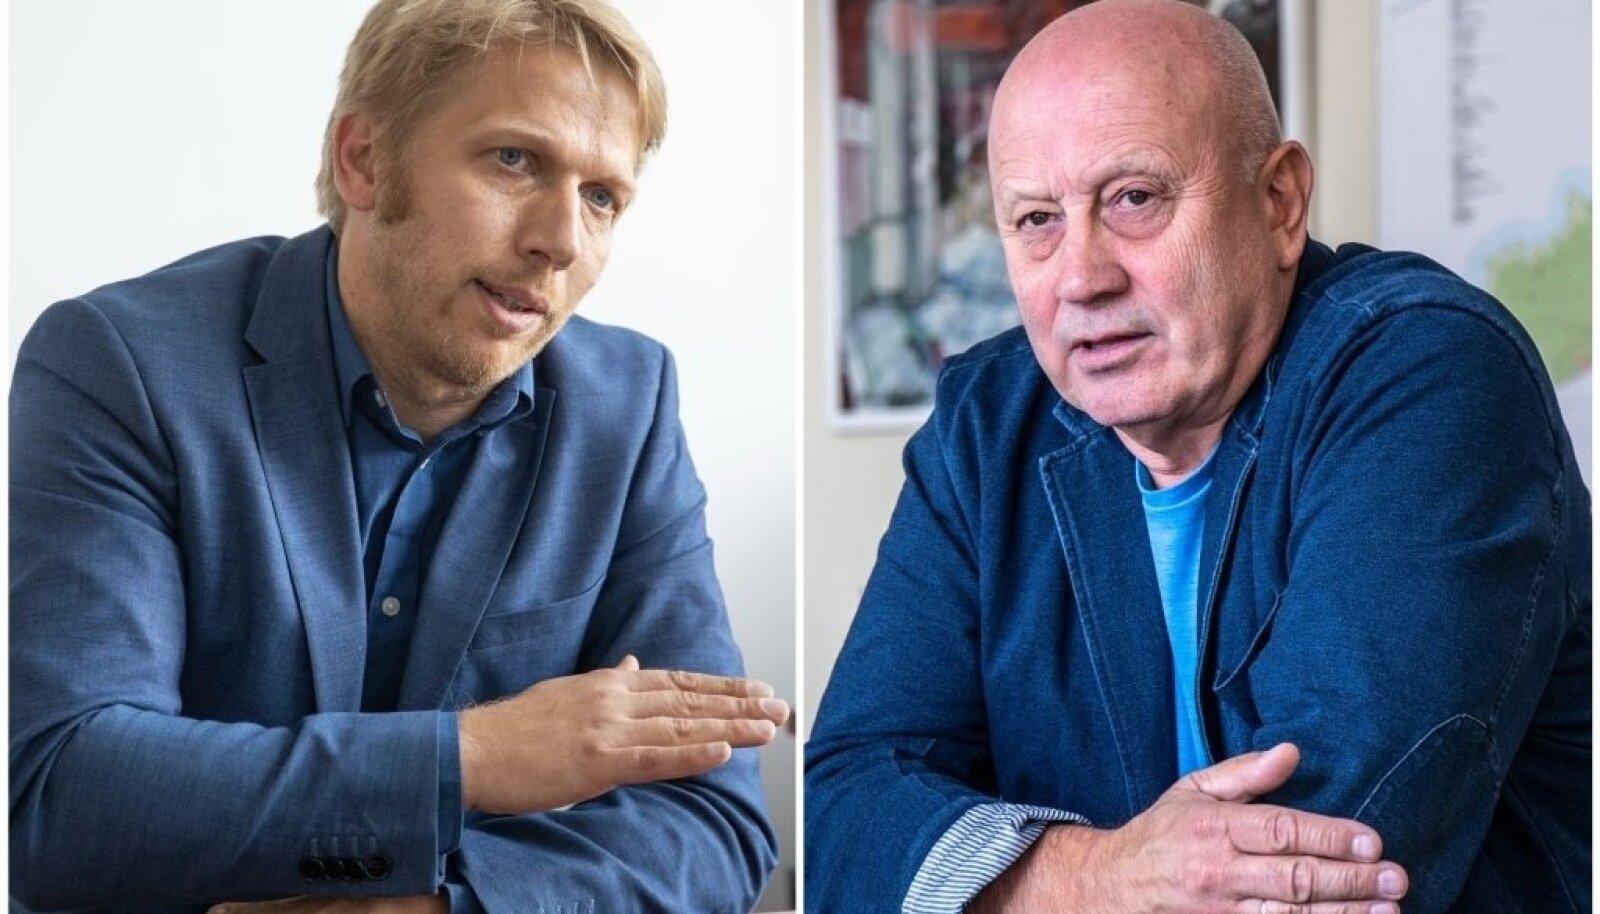 Volikogu esimees Jaanus Karilaid ja linnapea Urmas Sukles saavad omavahel väga hästi läbi. Poliitilised konkurendid tahavad linna juhtivat tandemit laiali ajada.